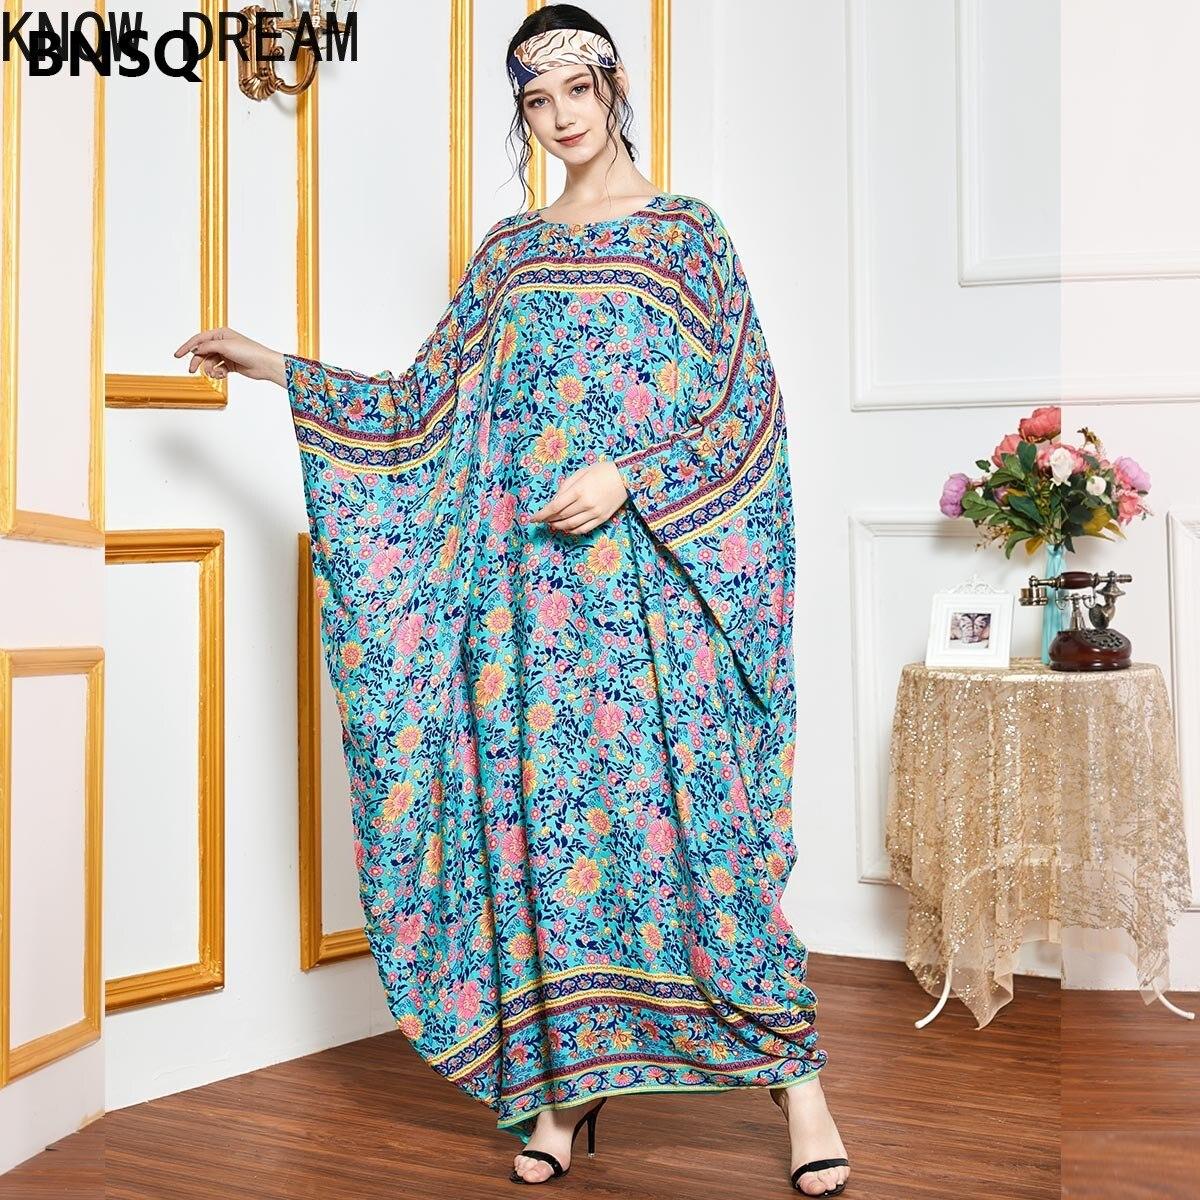 Узнайте мечта свободный рукав «летучая мышь» халат темно-Хуэй Dubai длинный рукав женское платье летнее платье для девочек